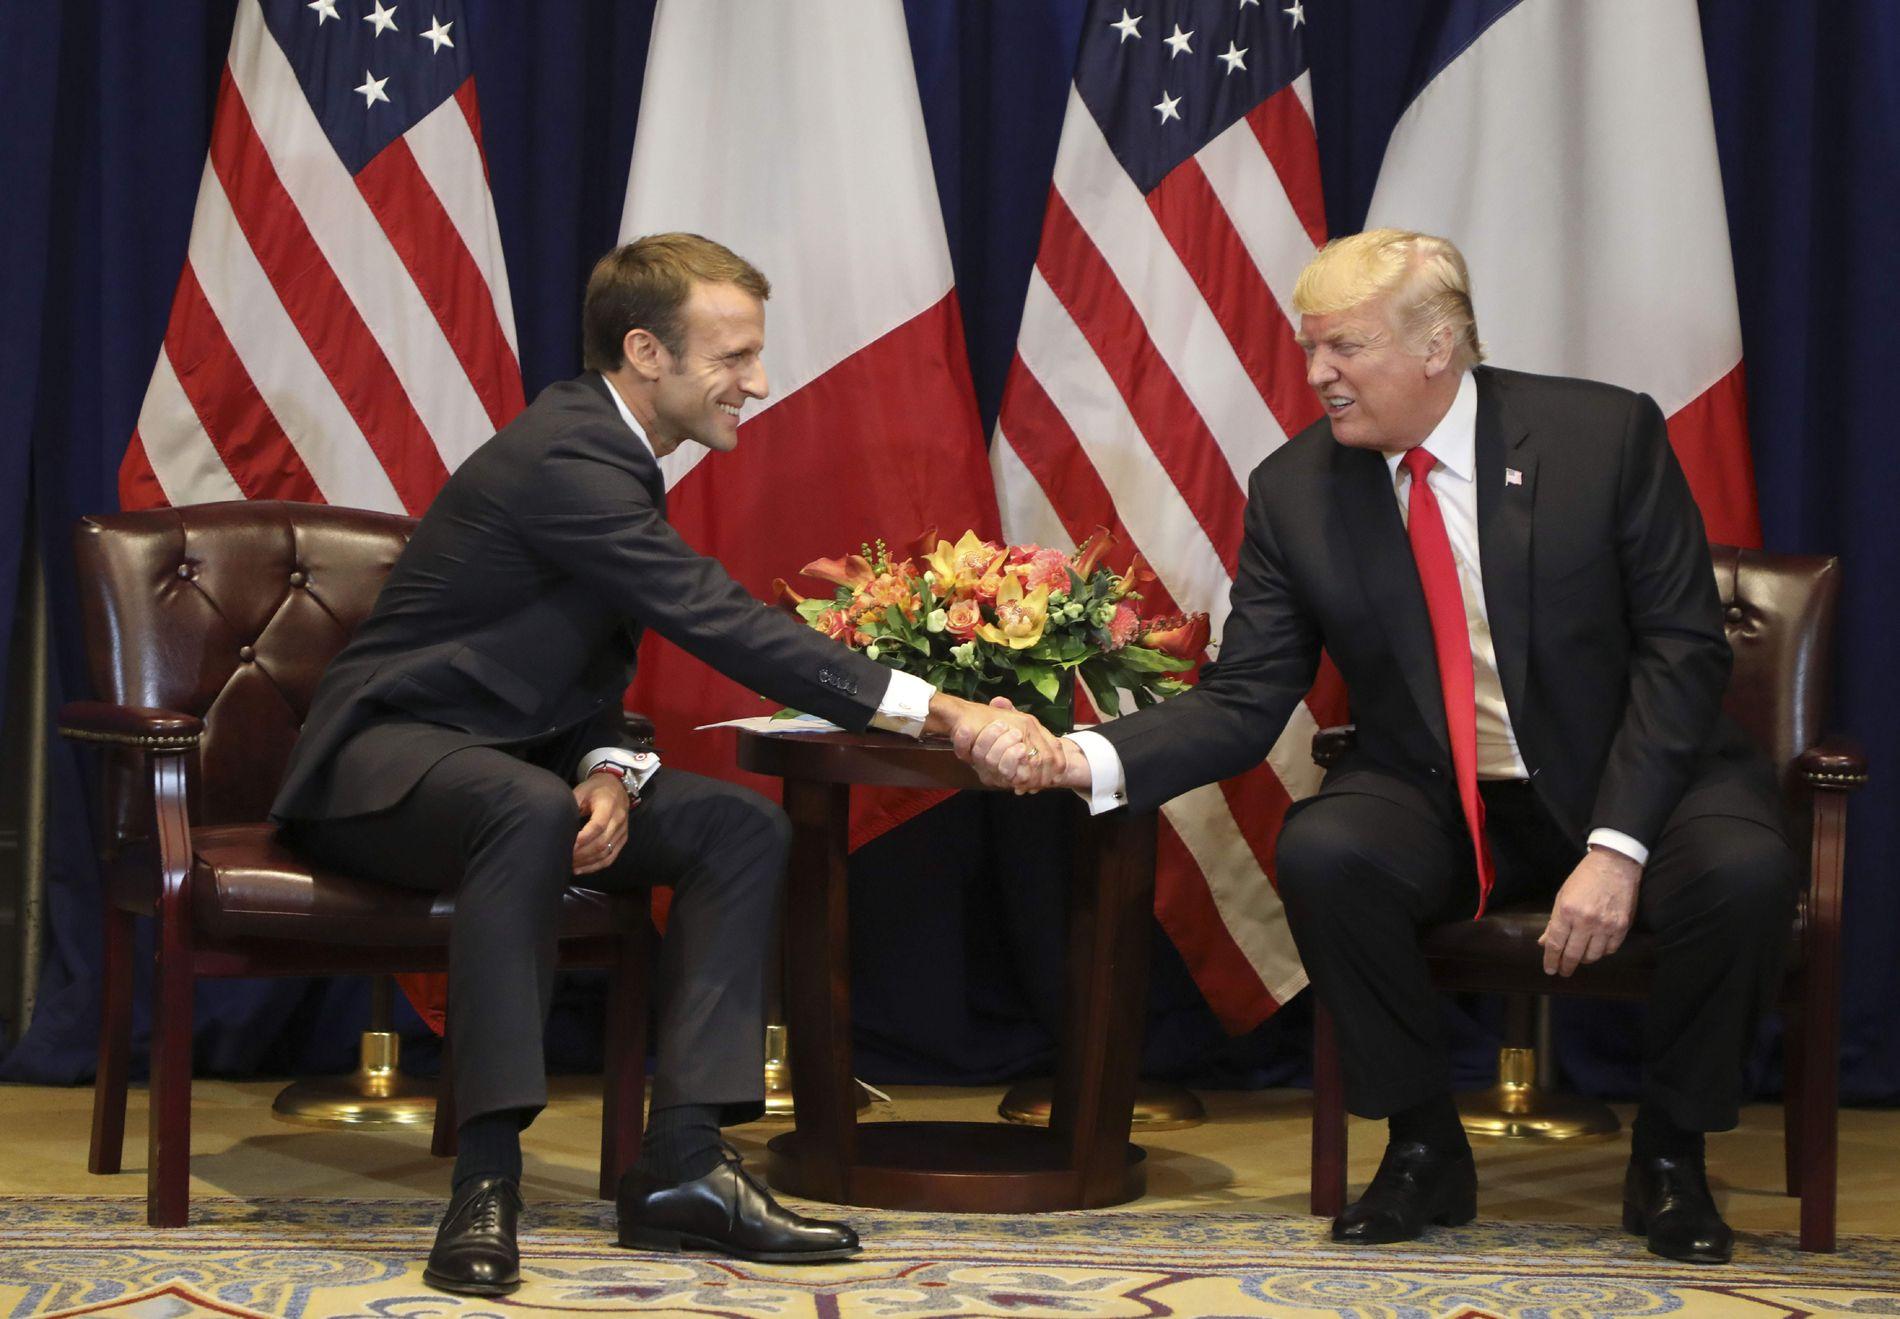 MØTTE MACRON: Donald Trump hadde et møte med den franske presidenten Emmanuel Macron i New York.